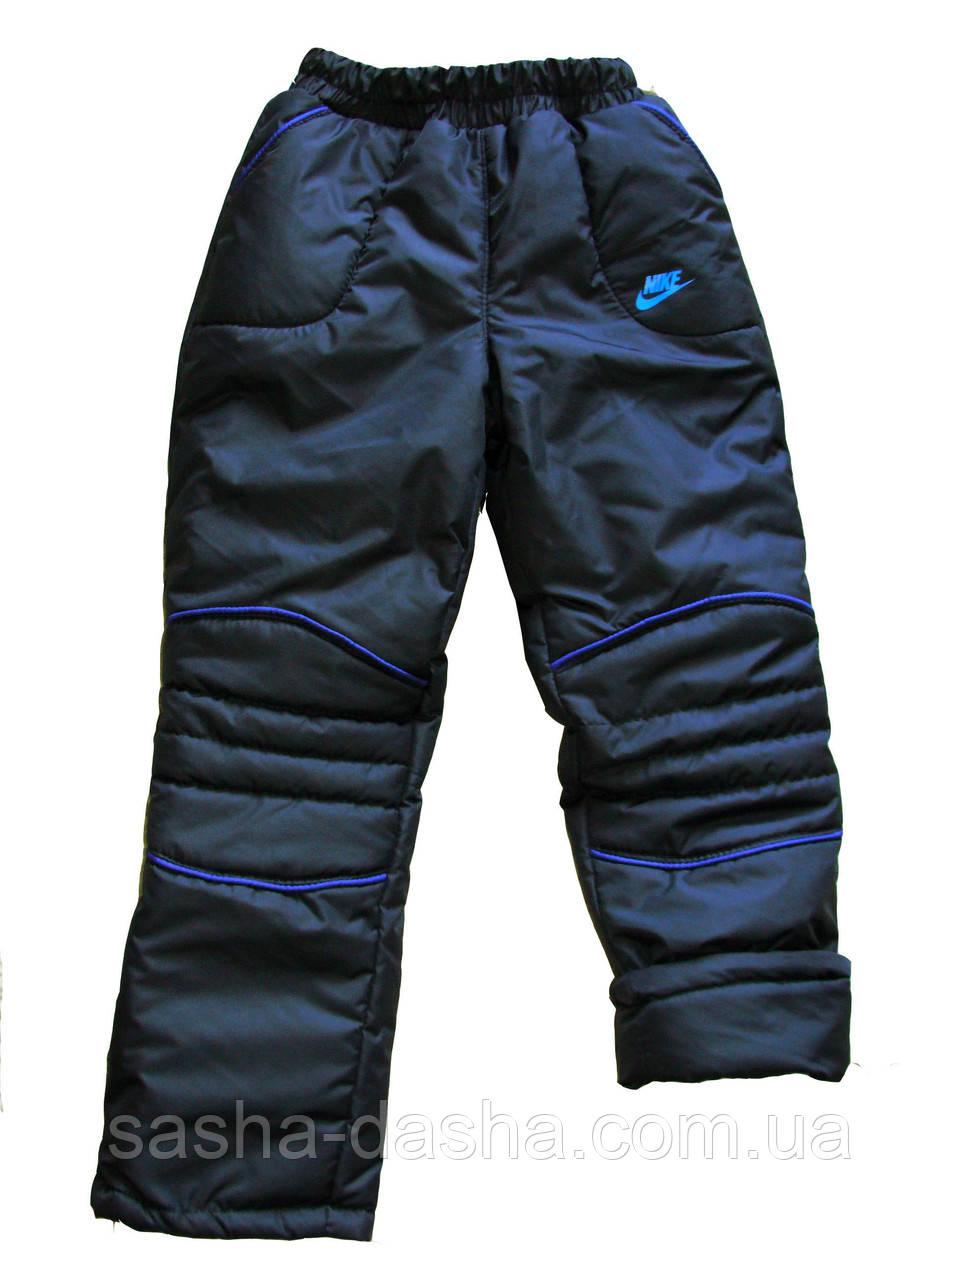 Теплые зимние штаны подростковые.